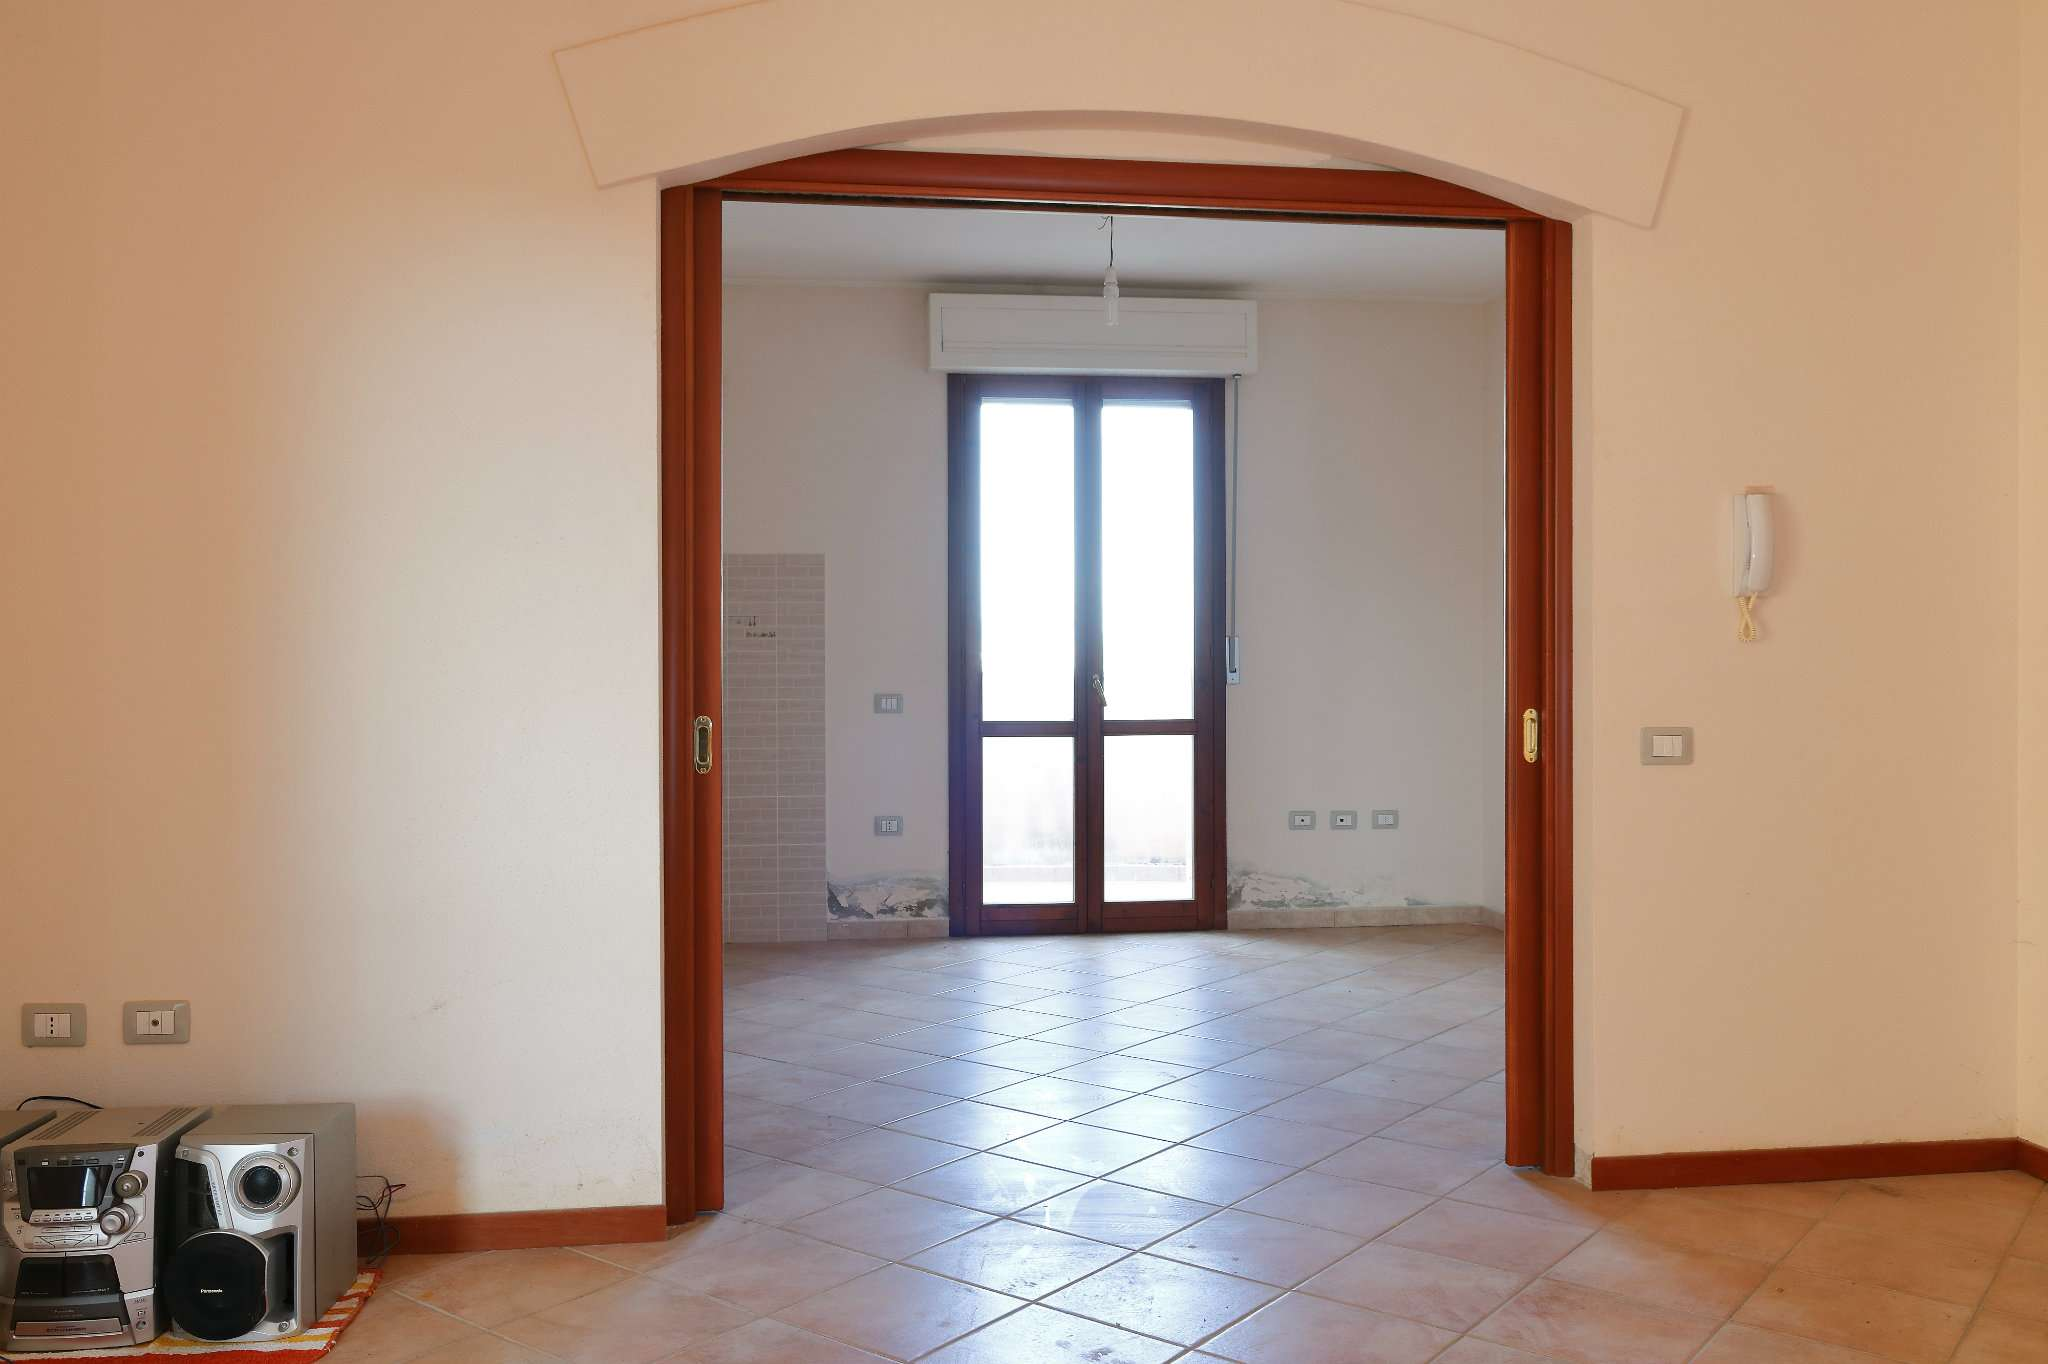 Soleminis Soleminis Vendita APPARTAMENTO , annunci immobiliari, appartamenti in vendita a torino